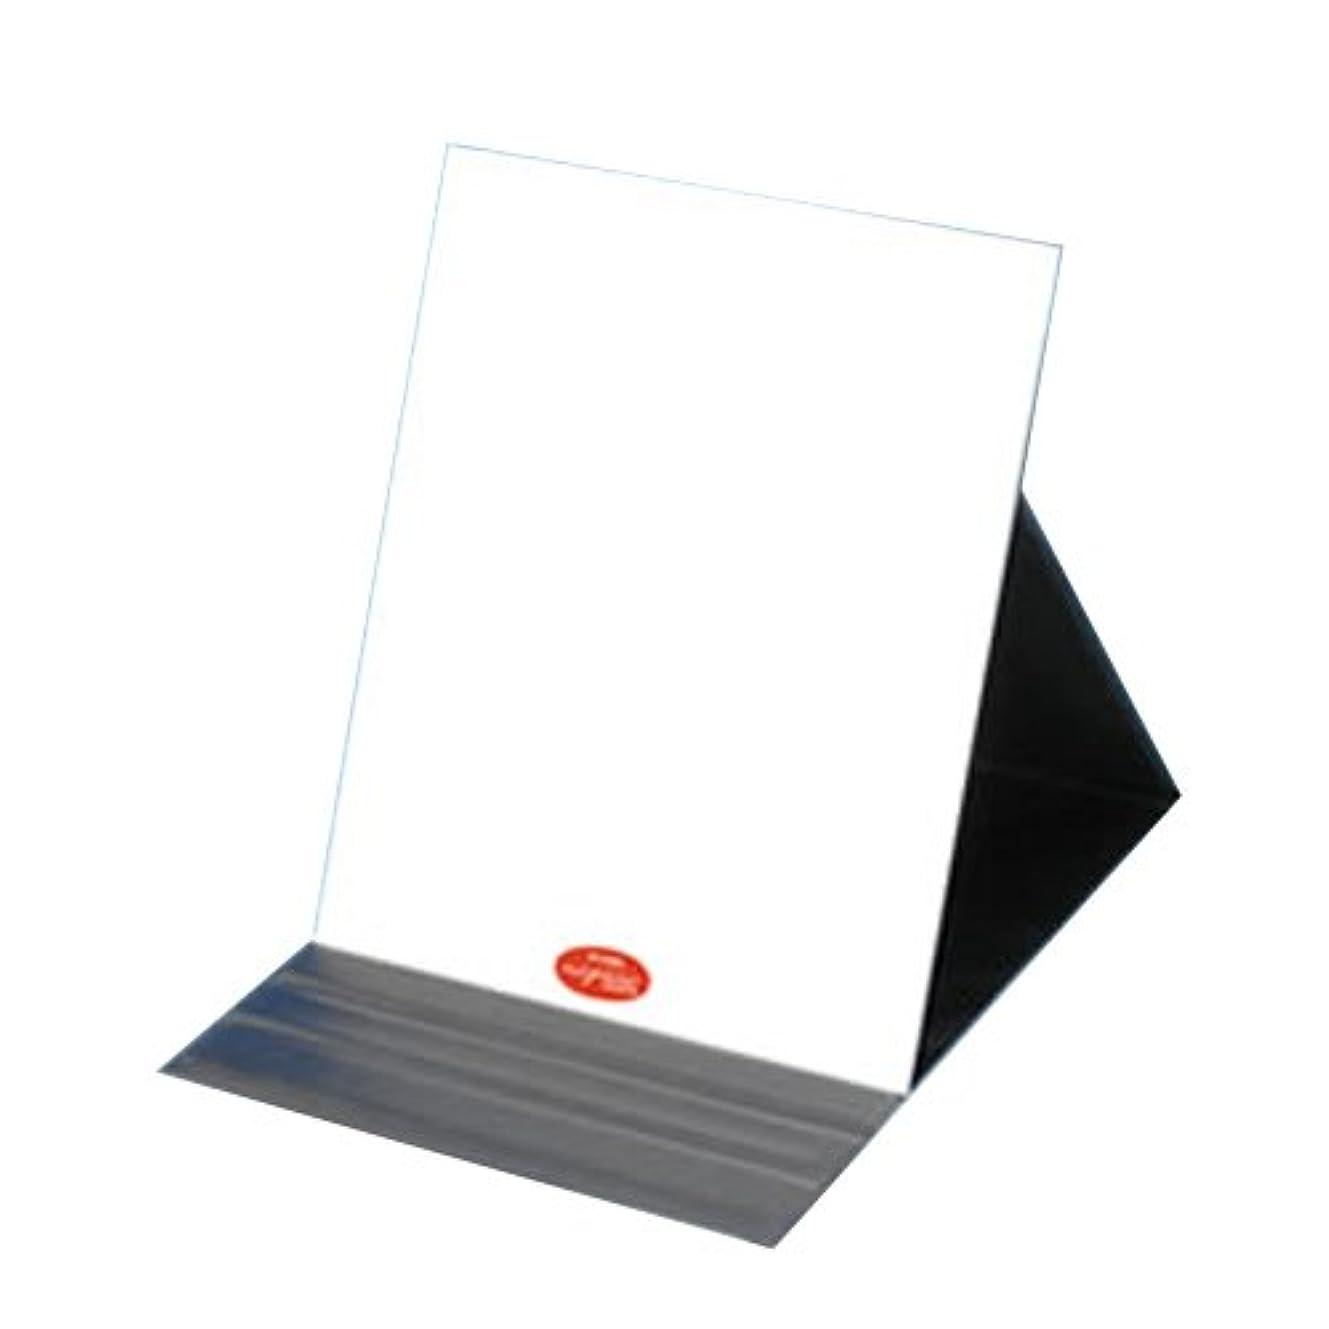 賢いマディソンタオル堀内鏡工業 ナピュア プロモデル角度調整3段階付き折立ミラー エコLL 単品